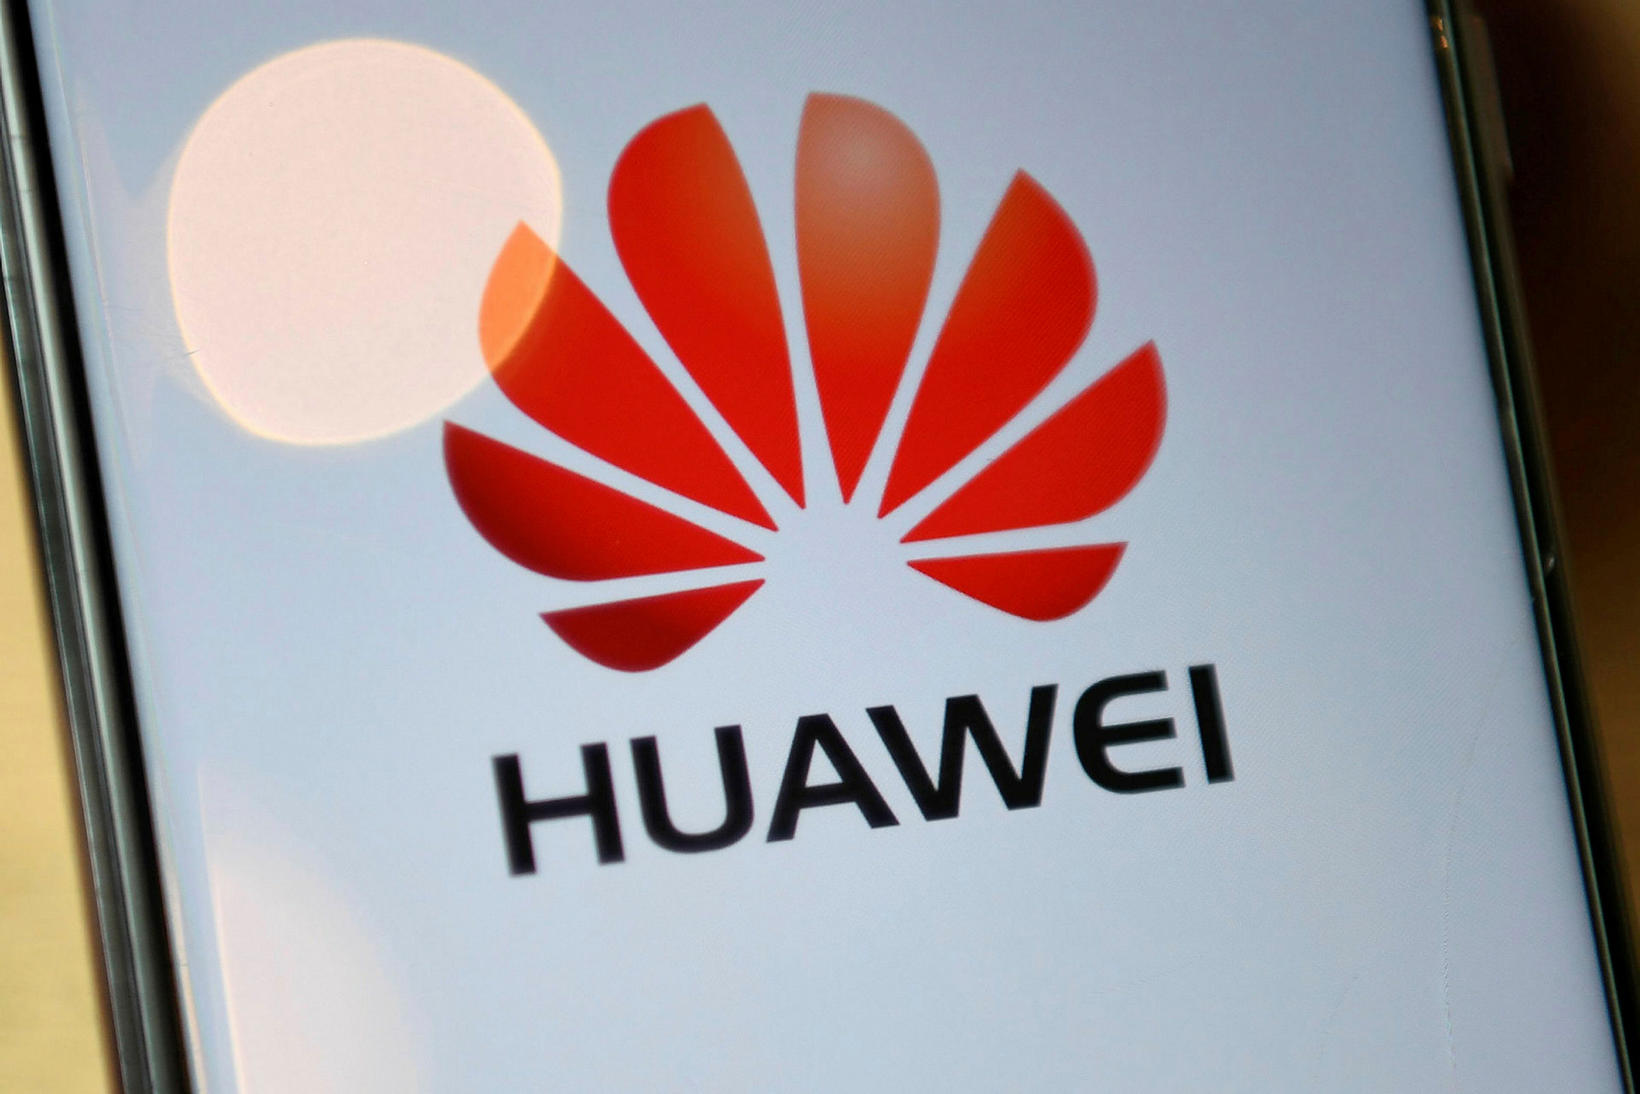 Mörg ríki eru nú að skoða hvort útiloka eigi Huawei …